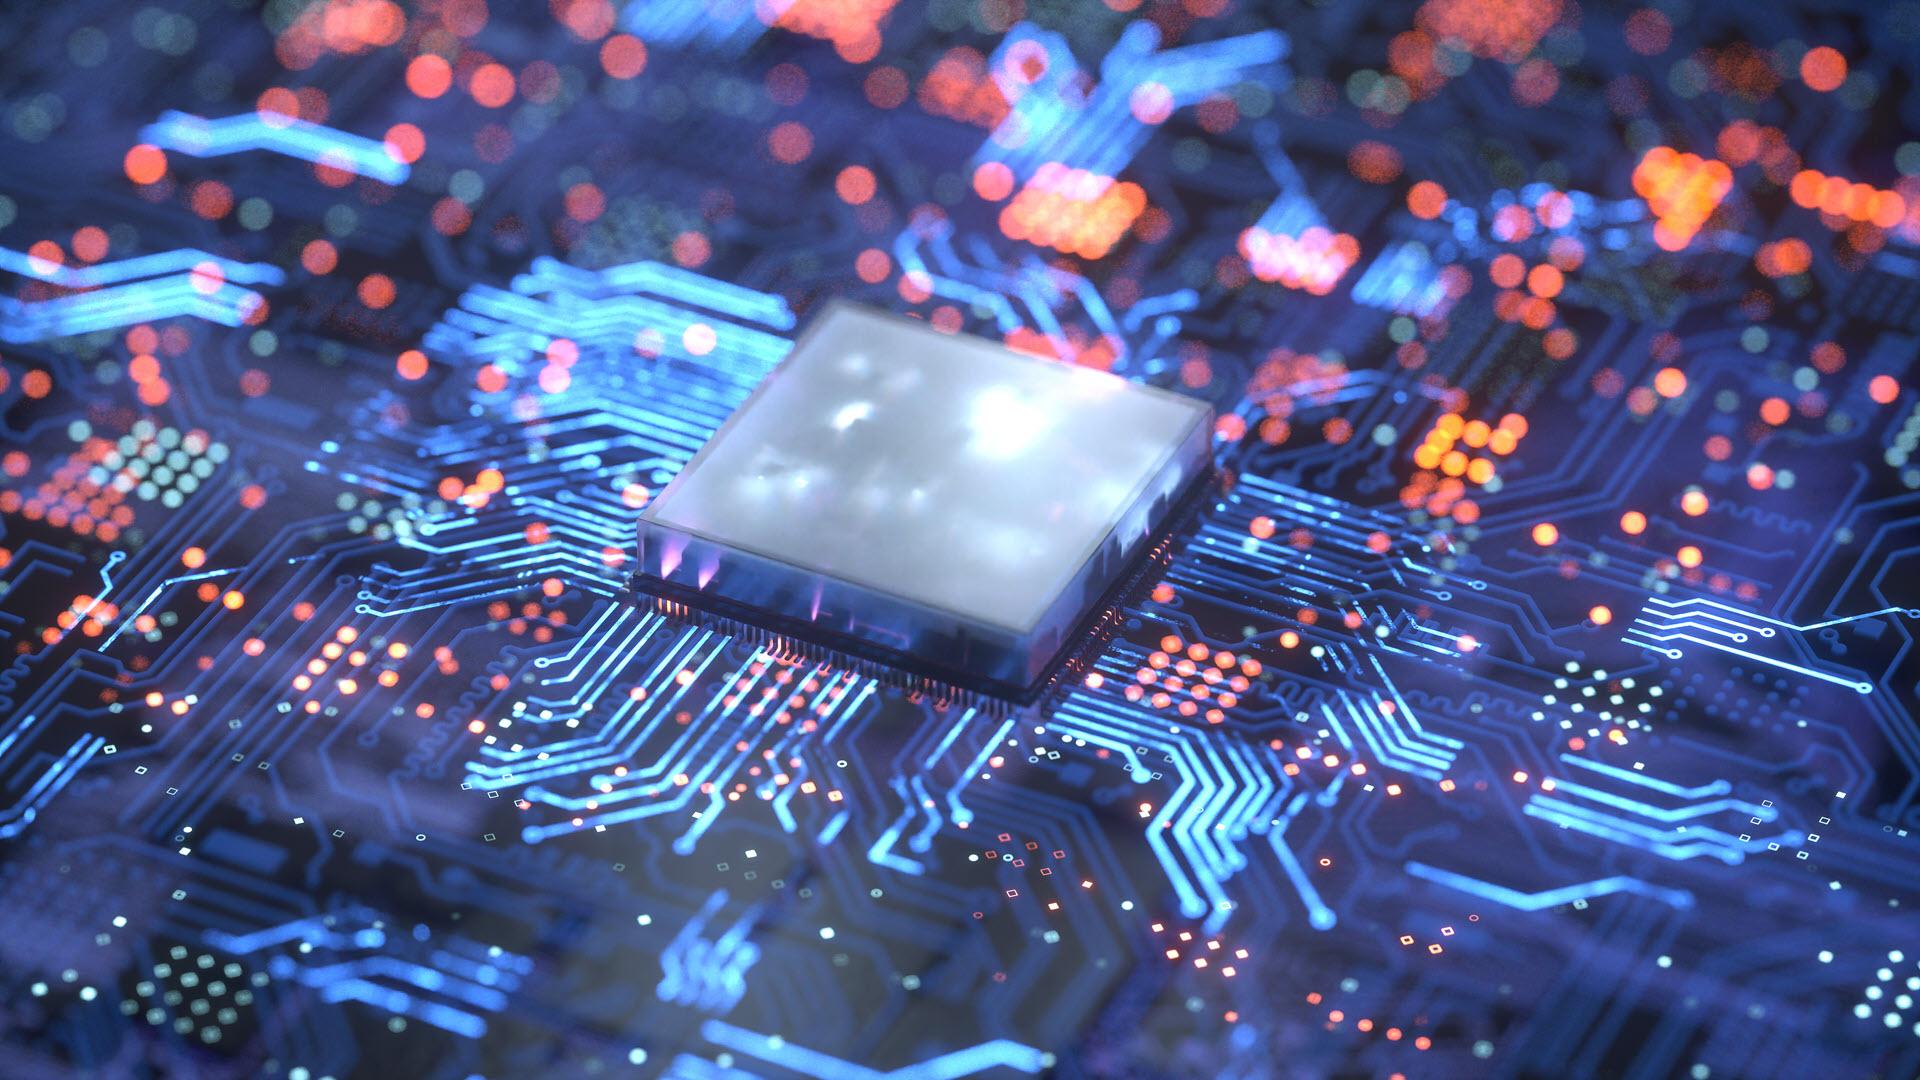 小米澎湃芯片回归,电商平台透露应用产品,不是电脑也不是手机